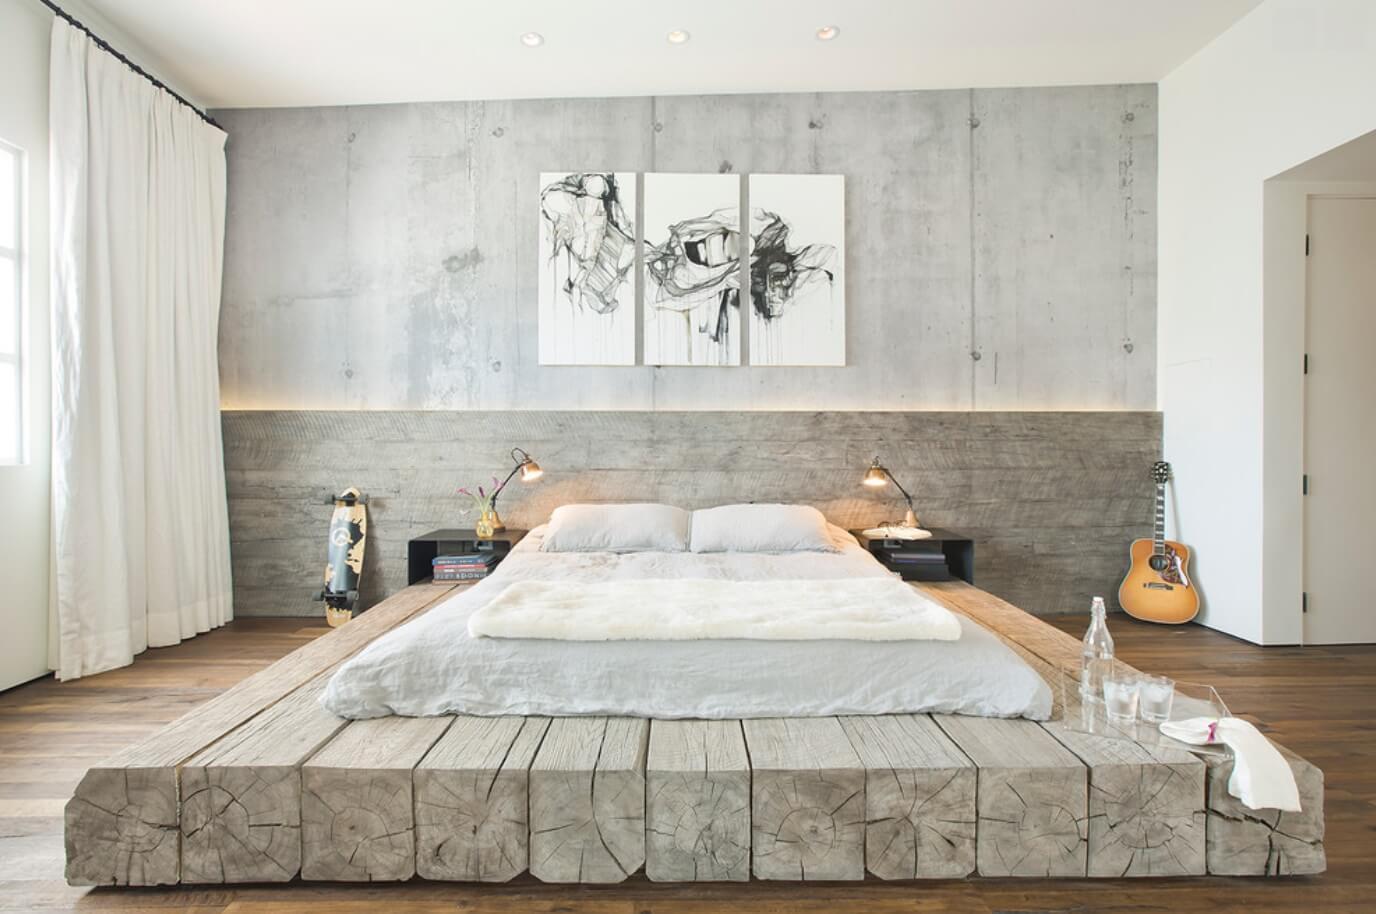 Кровать на полу своими руками фото 5